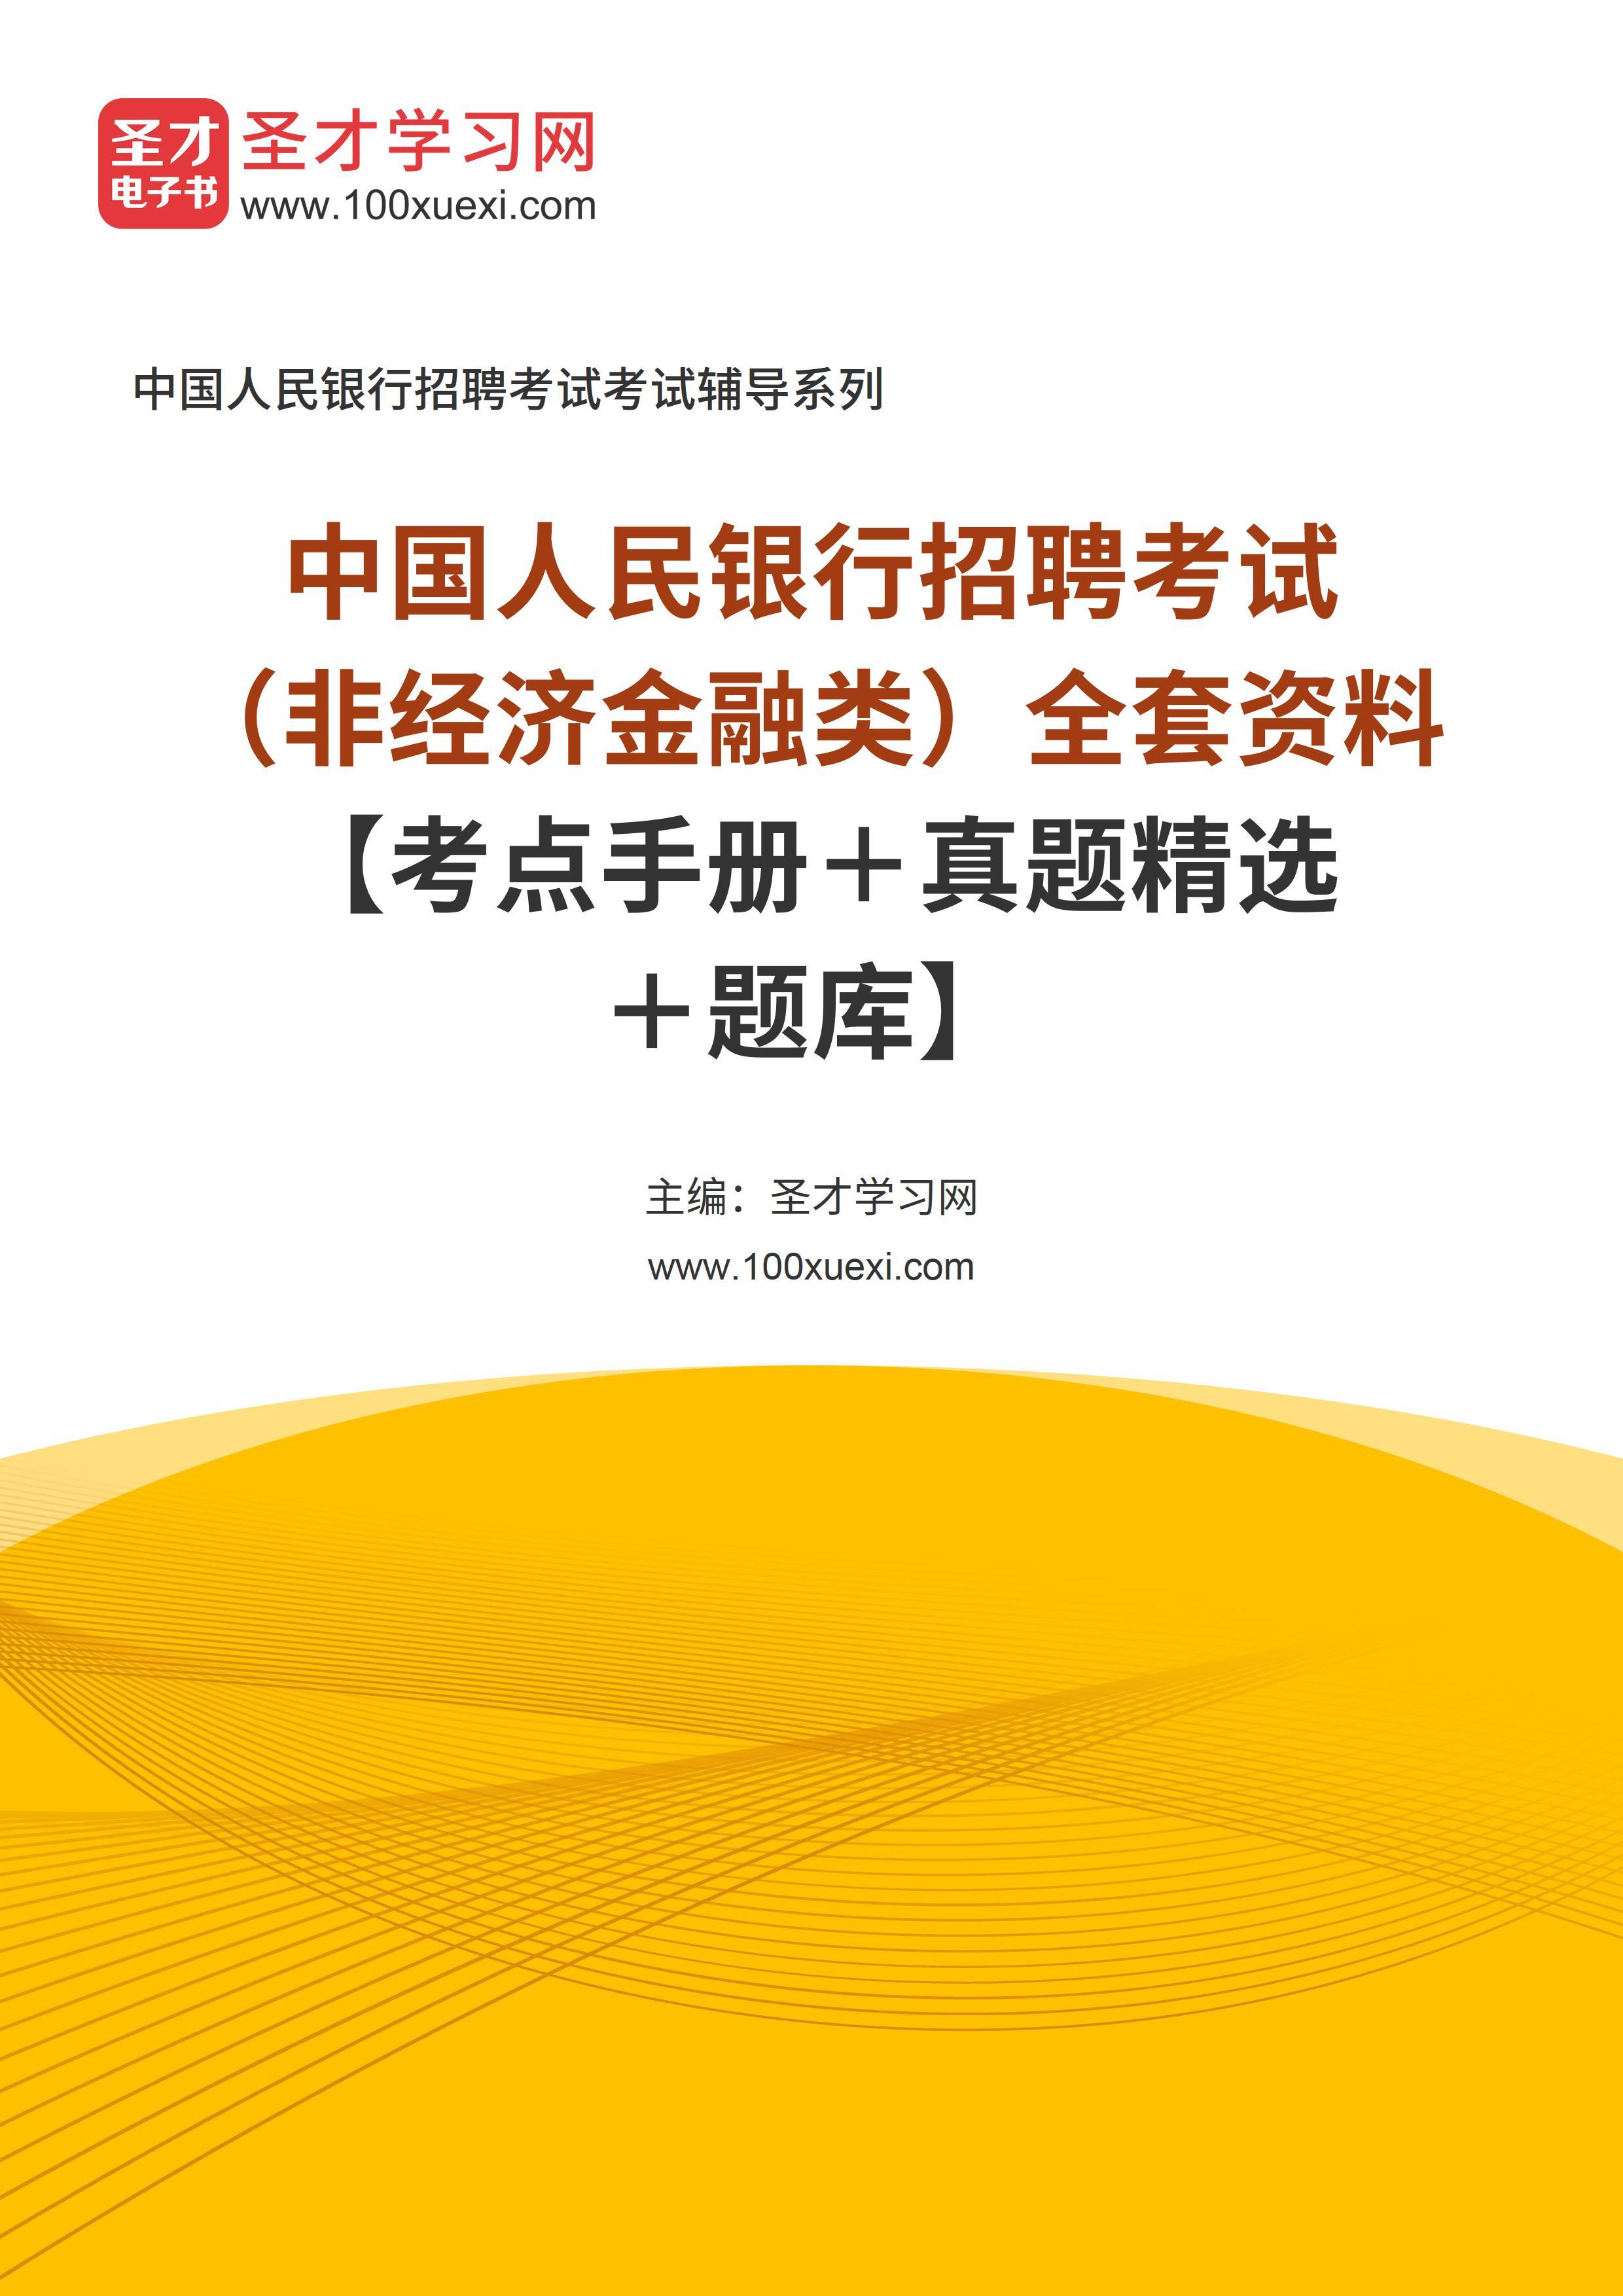 2021年中国人民银行招聘考试(非经济金融类)全套资料【考点手册+真题精选+题库】